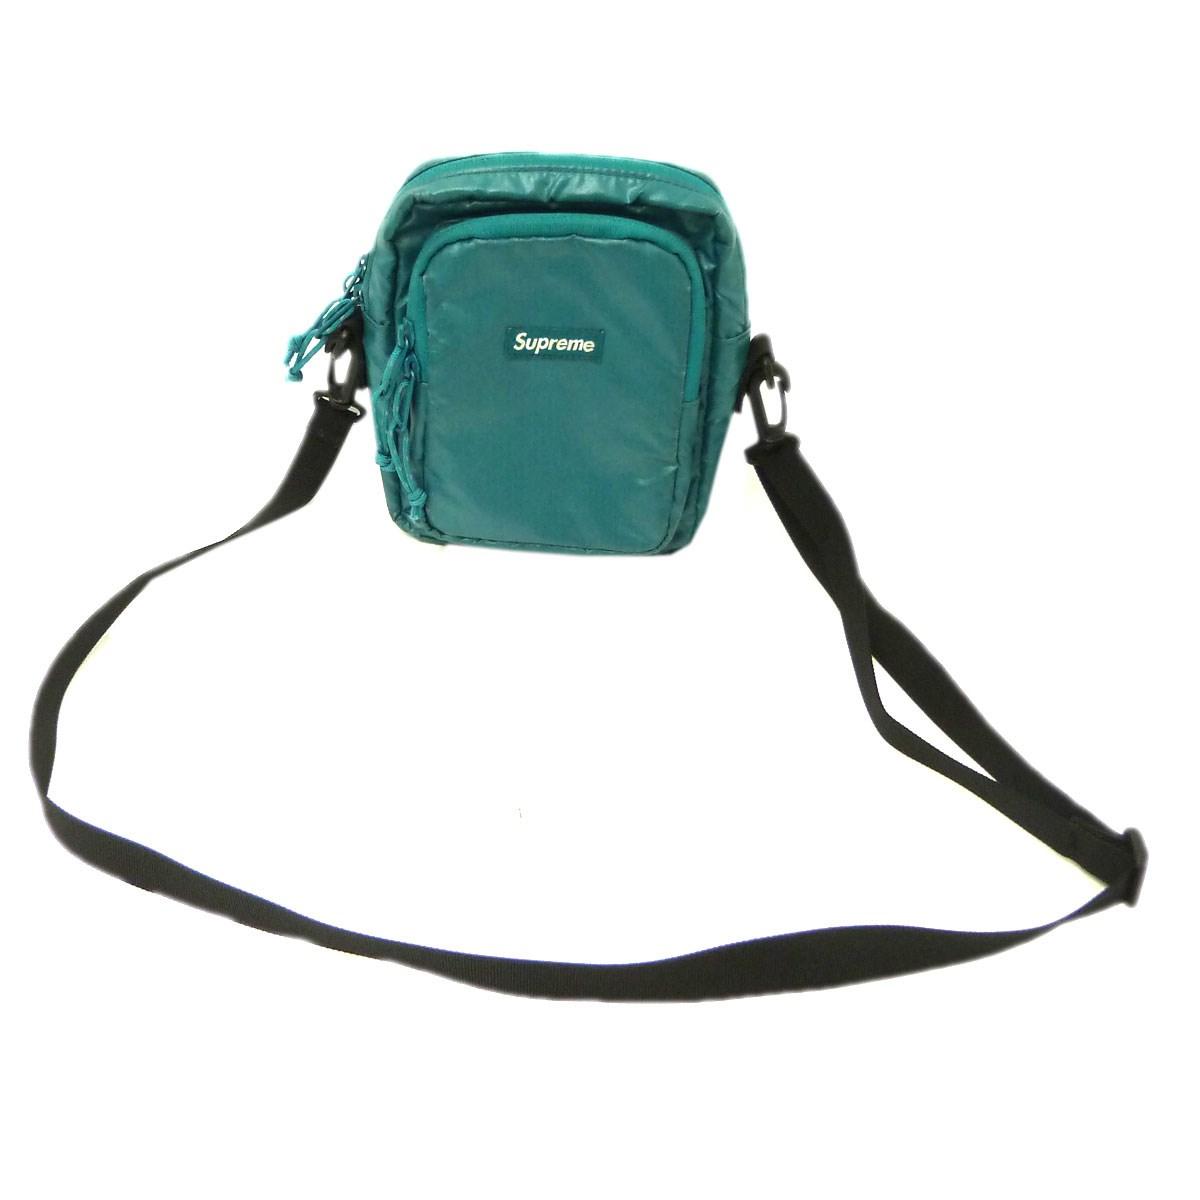 【中古】SUPREME 17AW「Shoulder Bag」ショルダーバッグ グリーン サイズ:- 【送料無料】 【201018】(シュプリーム)